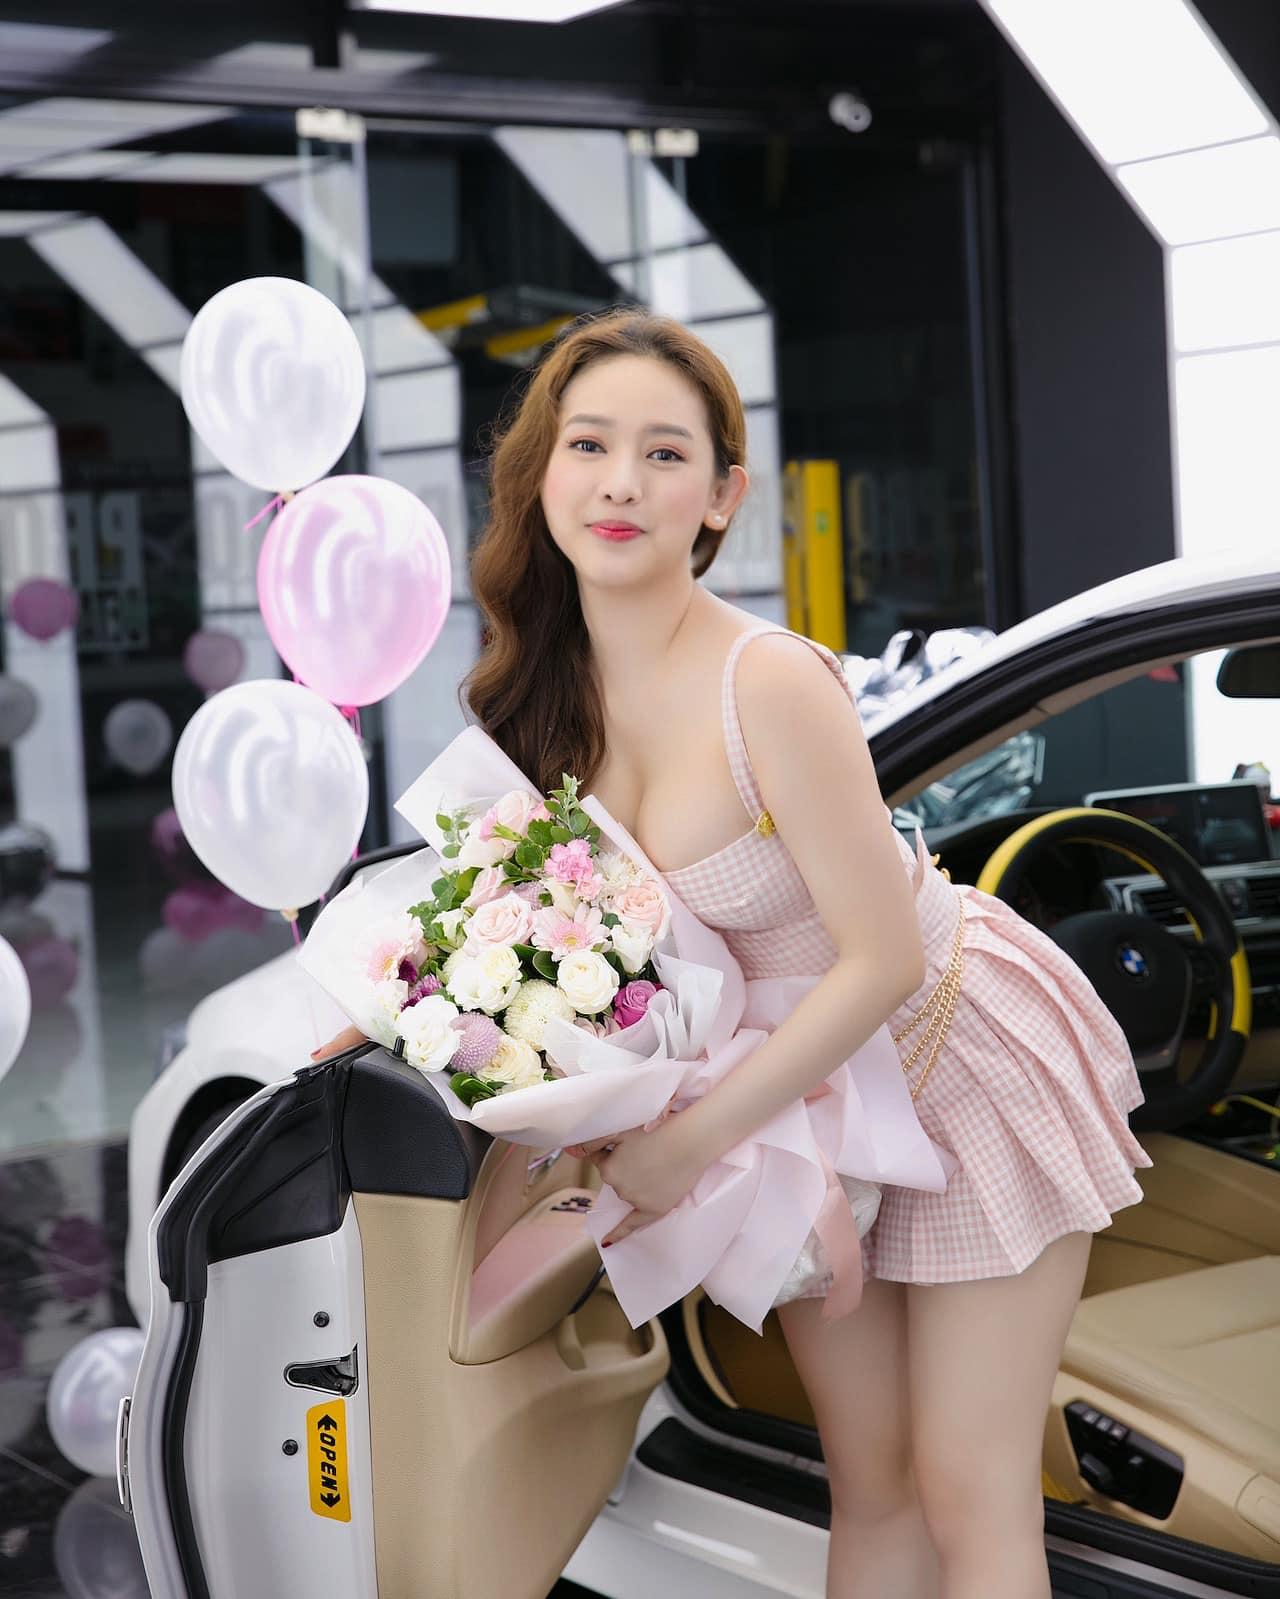 """""""Tình cũ Phan Thành"""" đăng ảnh sexy như gái Nhật """"thả thính"""" trên mạng - hình ảnh 5"""